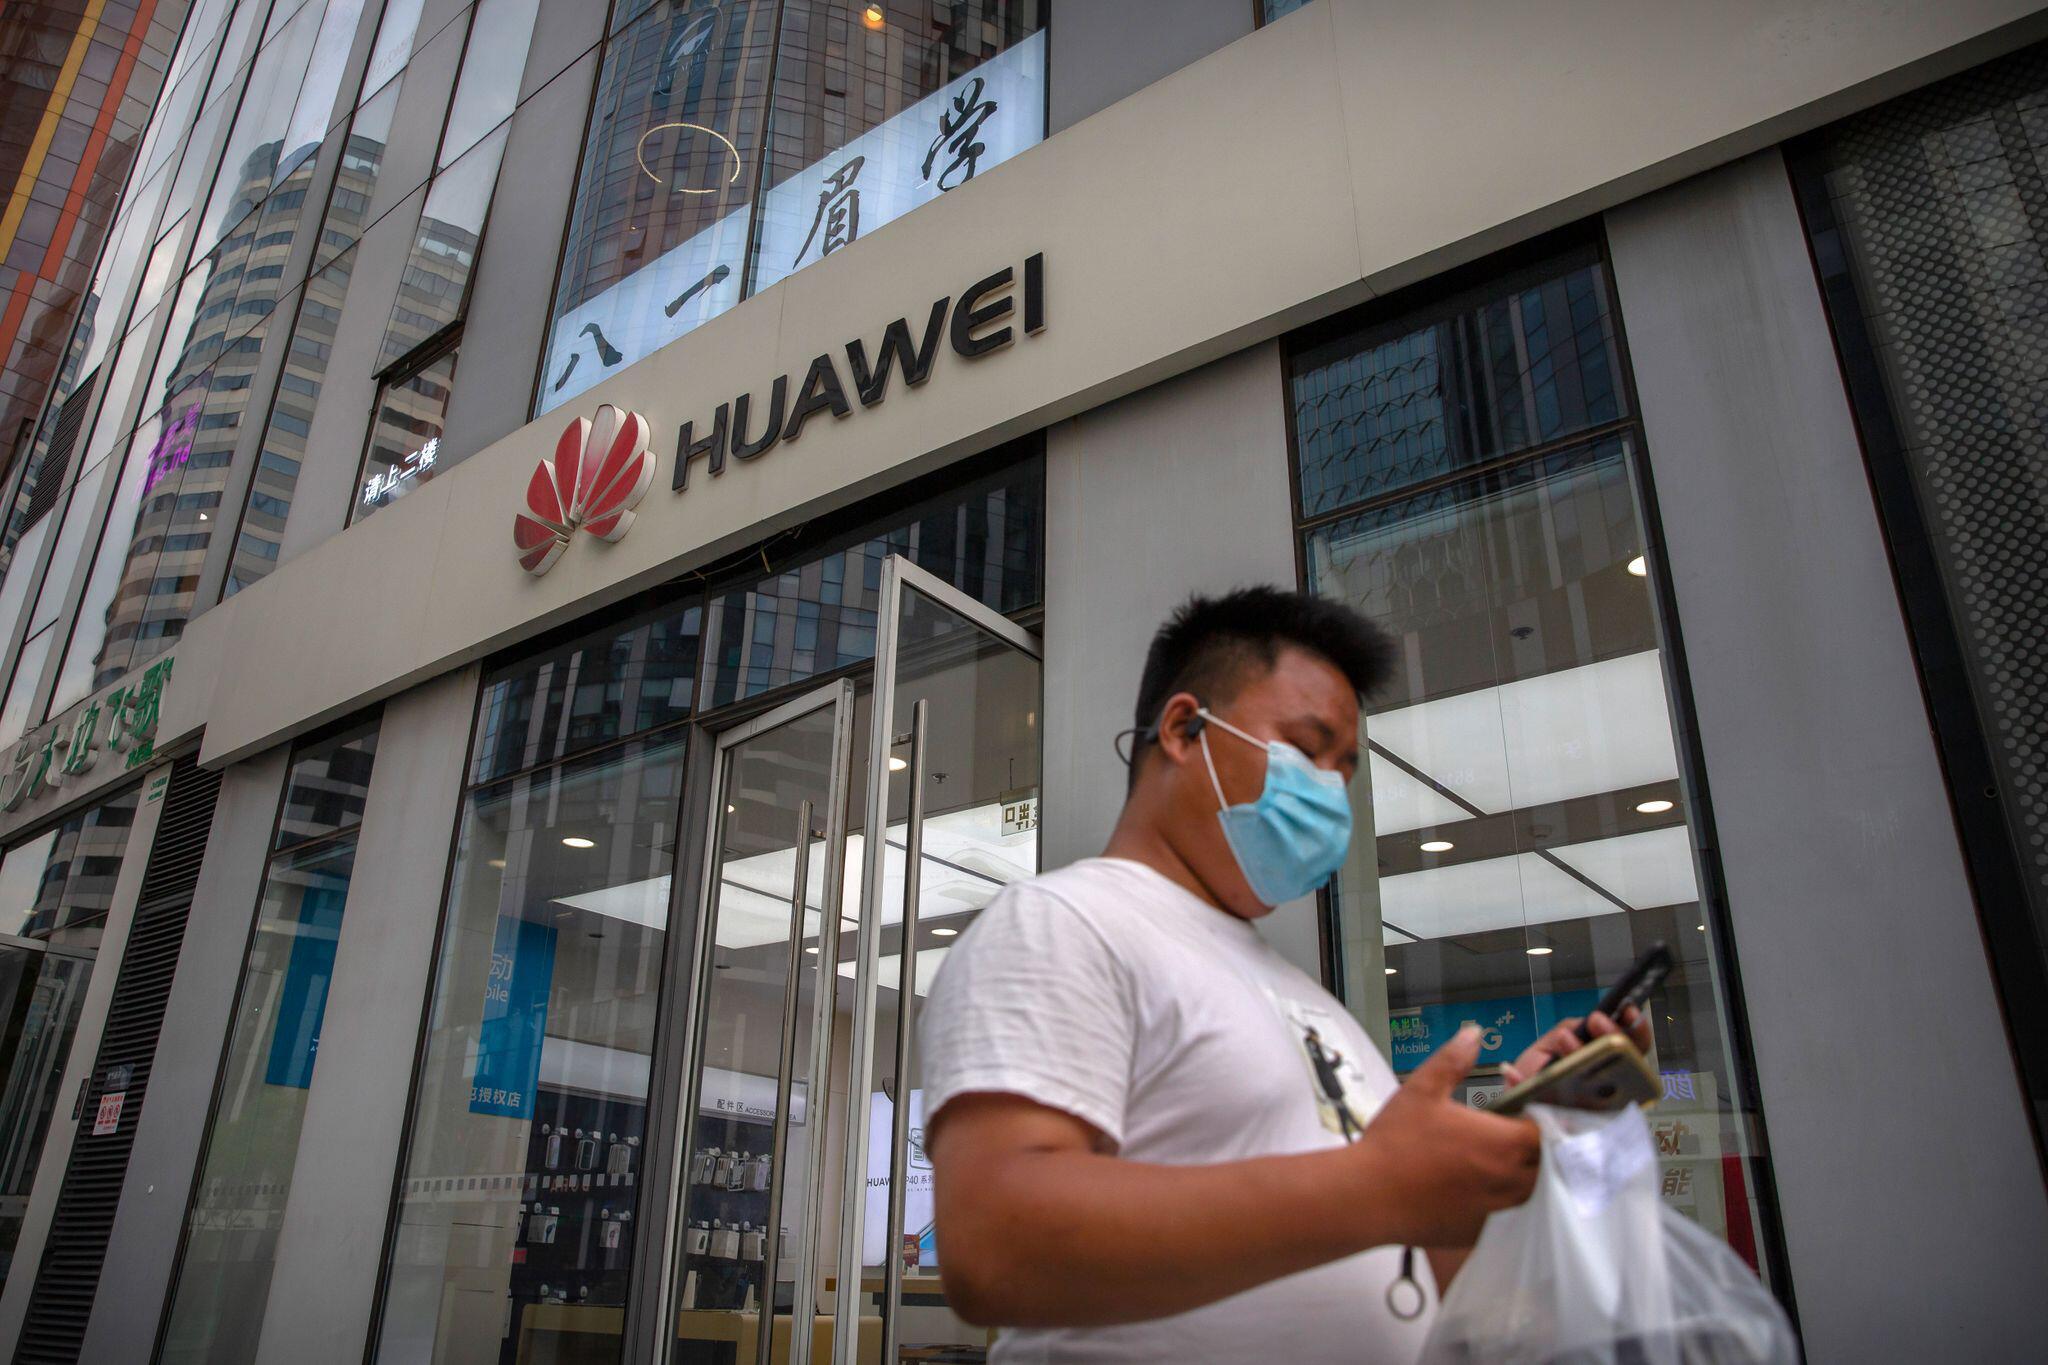 Bild zu Großbritannien schließt Huawei vom Ausbau seines 5G-Netzes aus